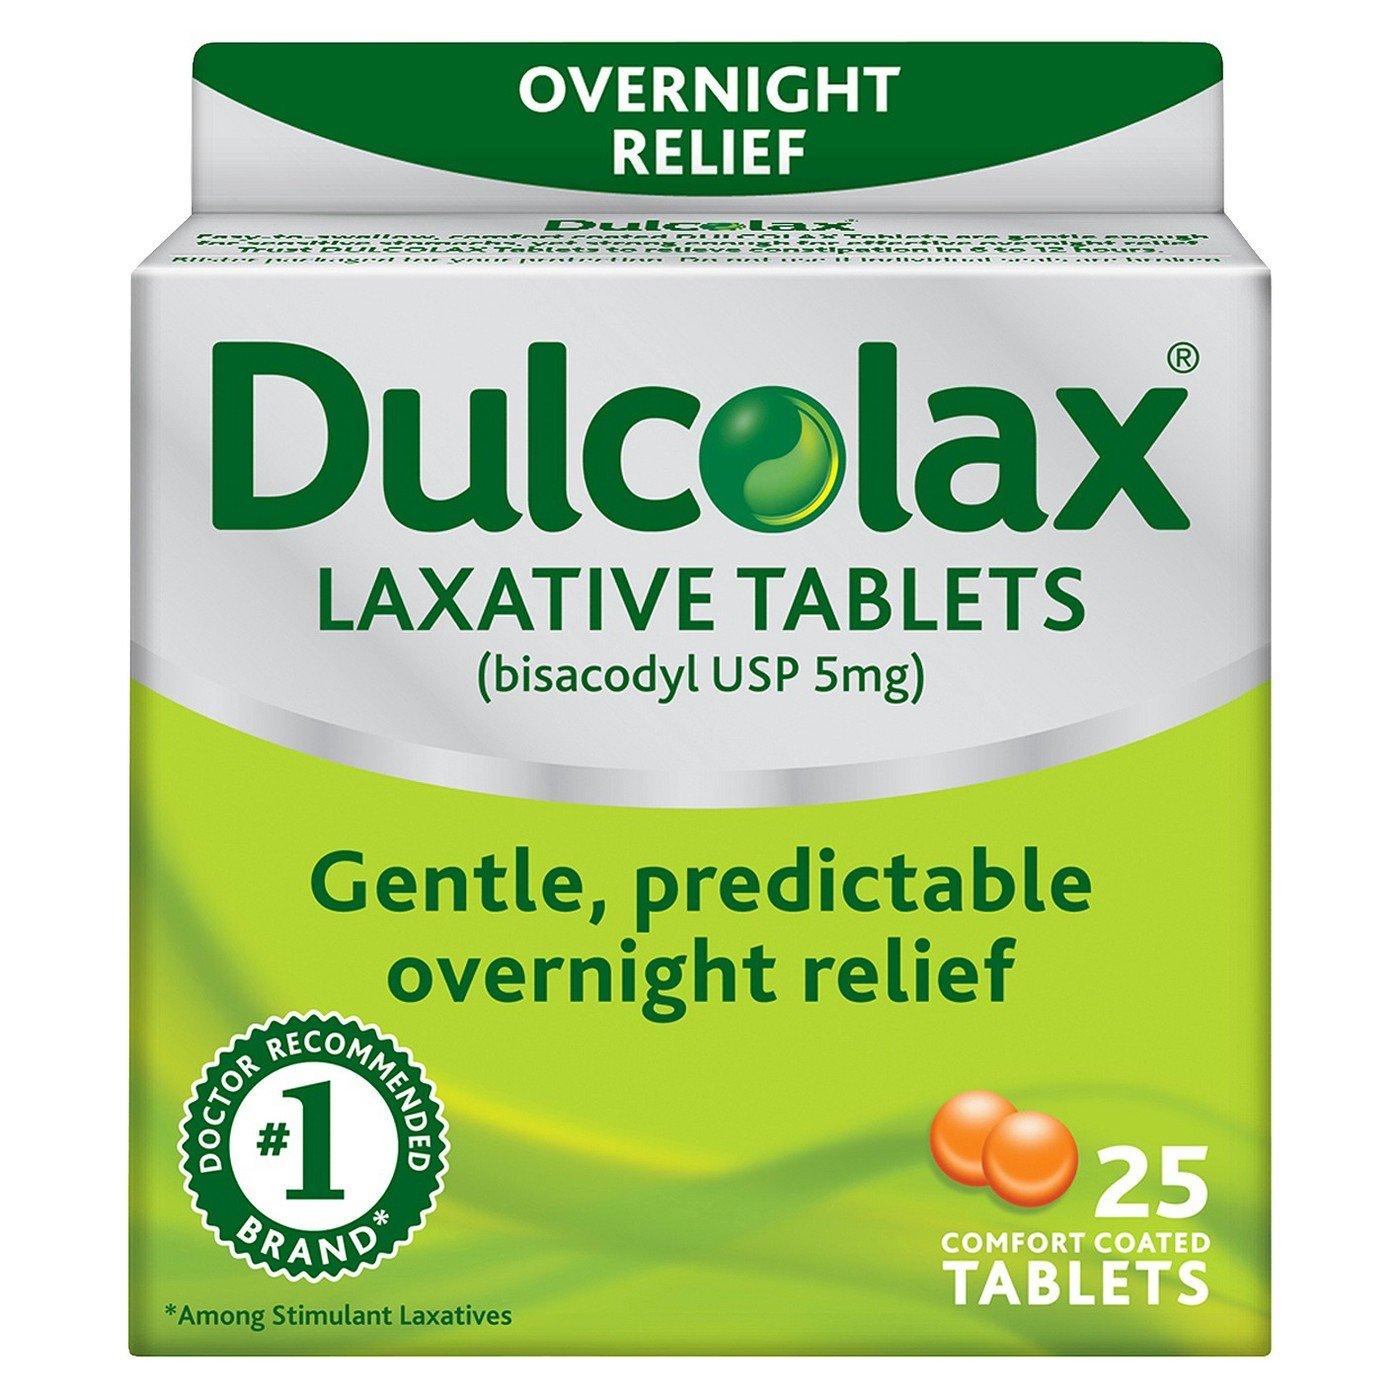 Dulcolax Laxative